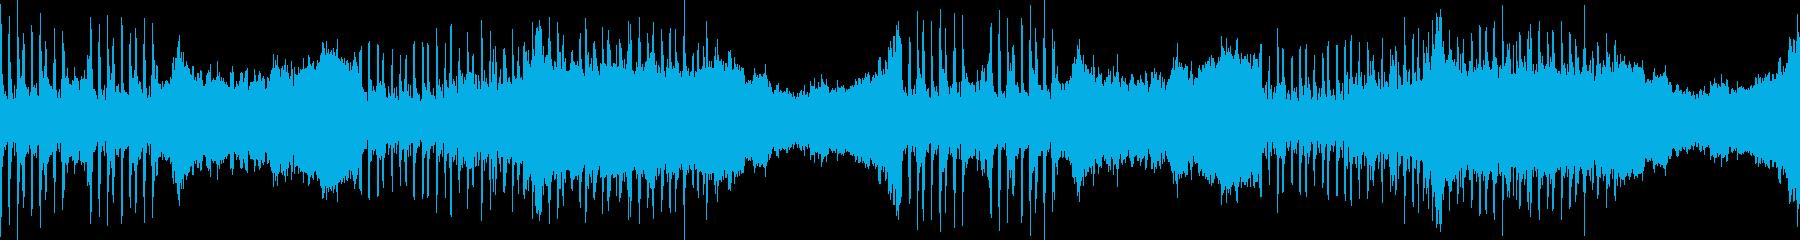 帝国の支配や威厳をイメージした曲の再生済みの波形